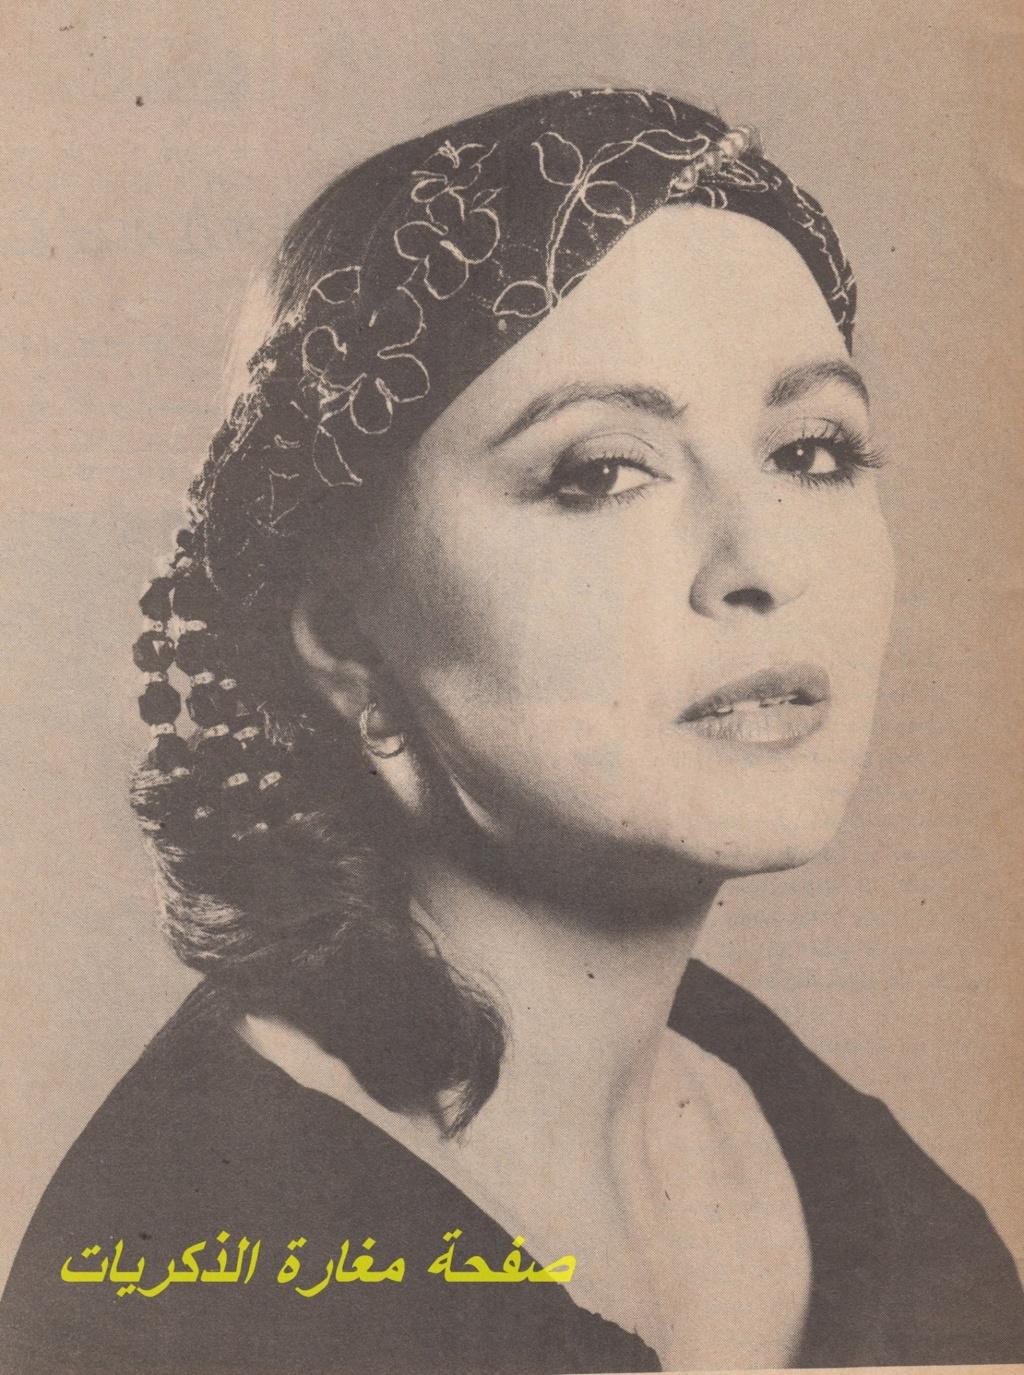 """خبر صحفي : تسريحات """"نعيم"""" الباريسية تزين رأس سعاد حسني 1981 م 4124"""